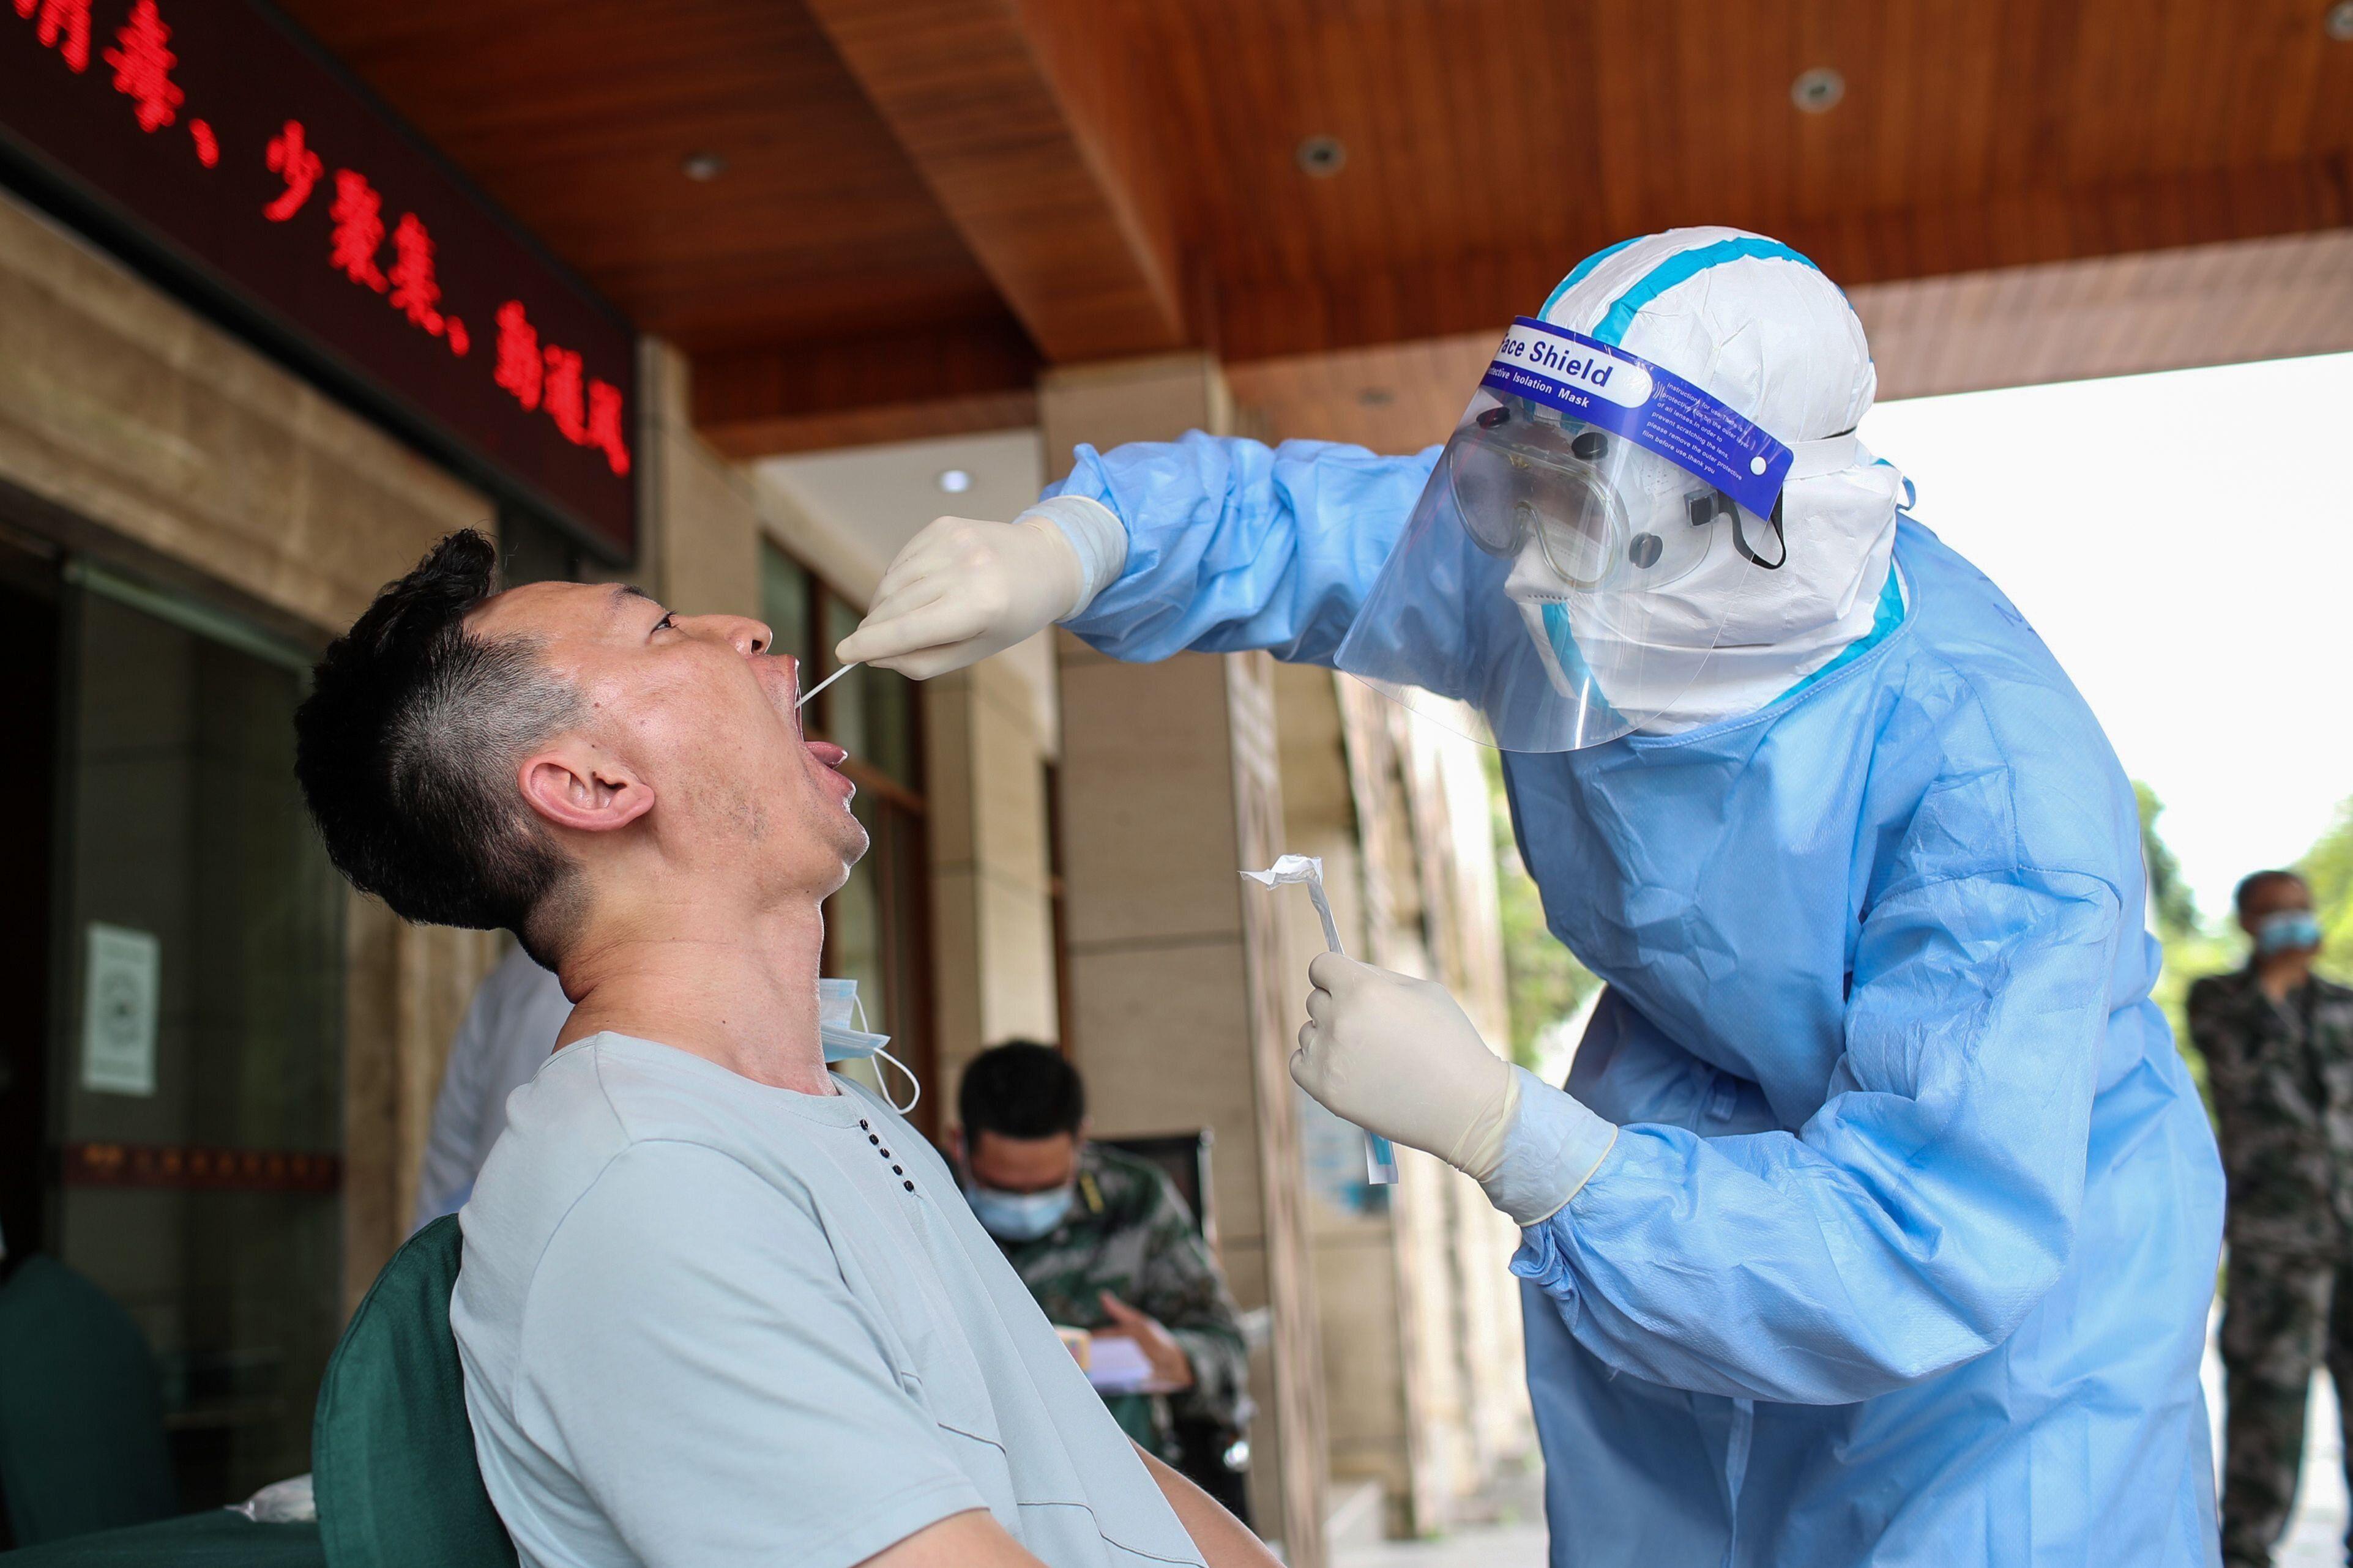 Depuis qu'elle a contenu l'épidémie de coronavirus, la Chine est extrêmement précautionneuse...